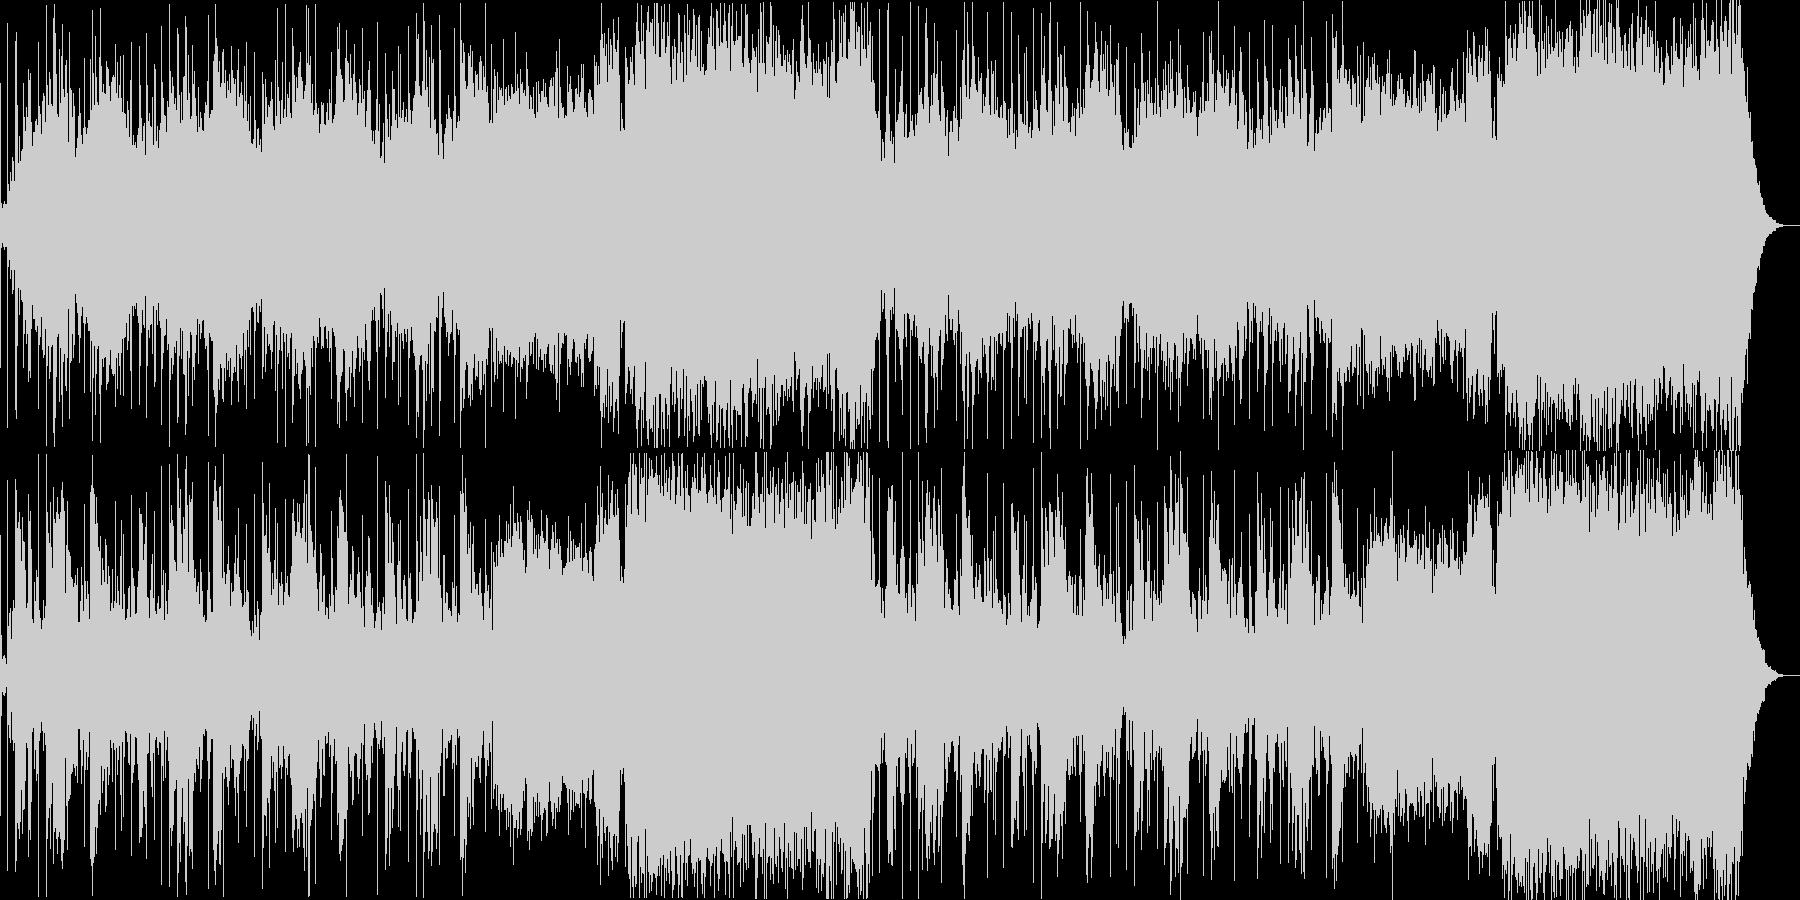 ダークで神聖なアンビエントシンセの未再生の波形